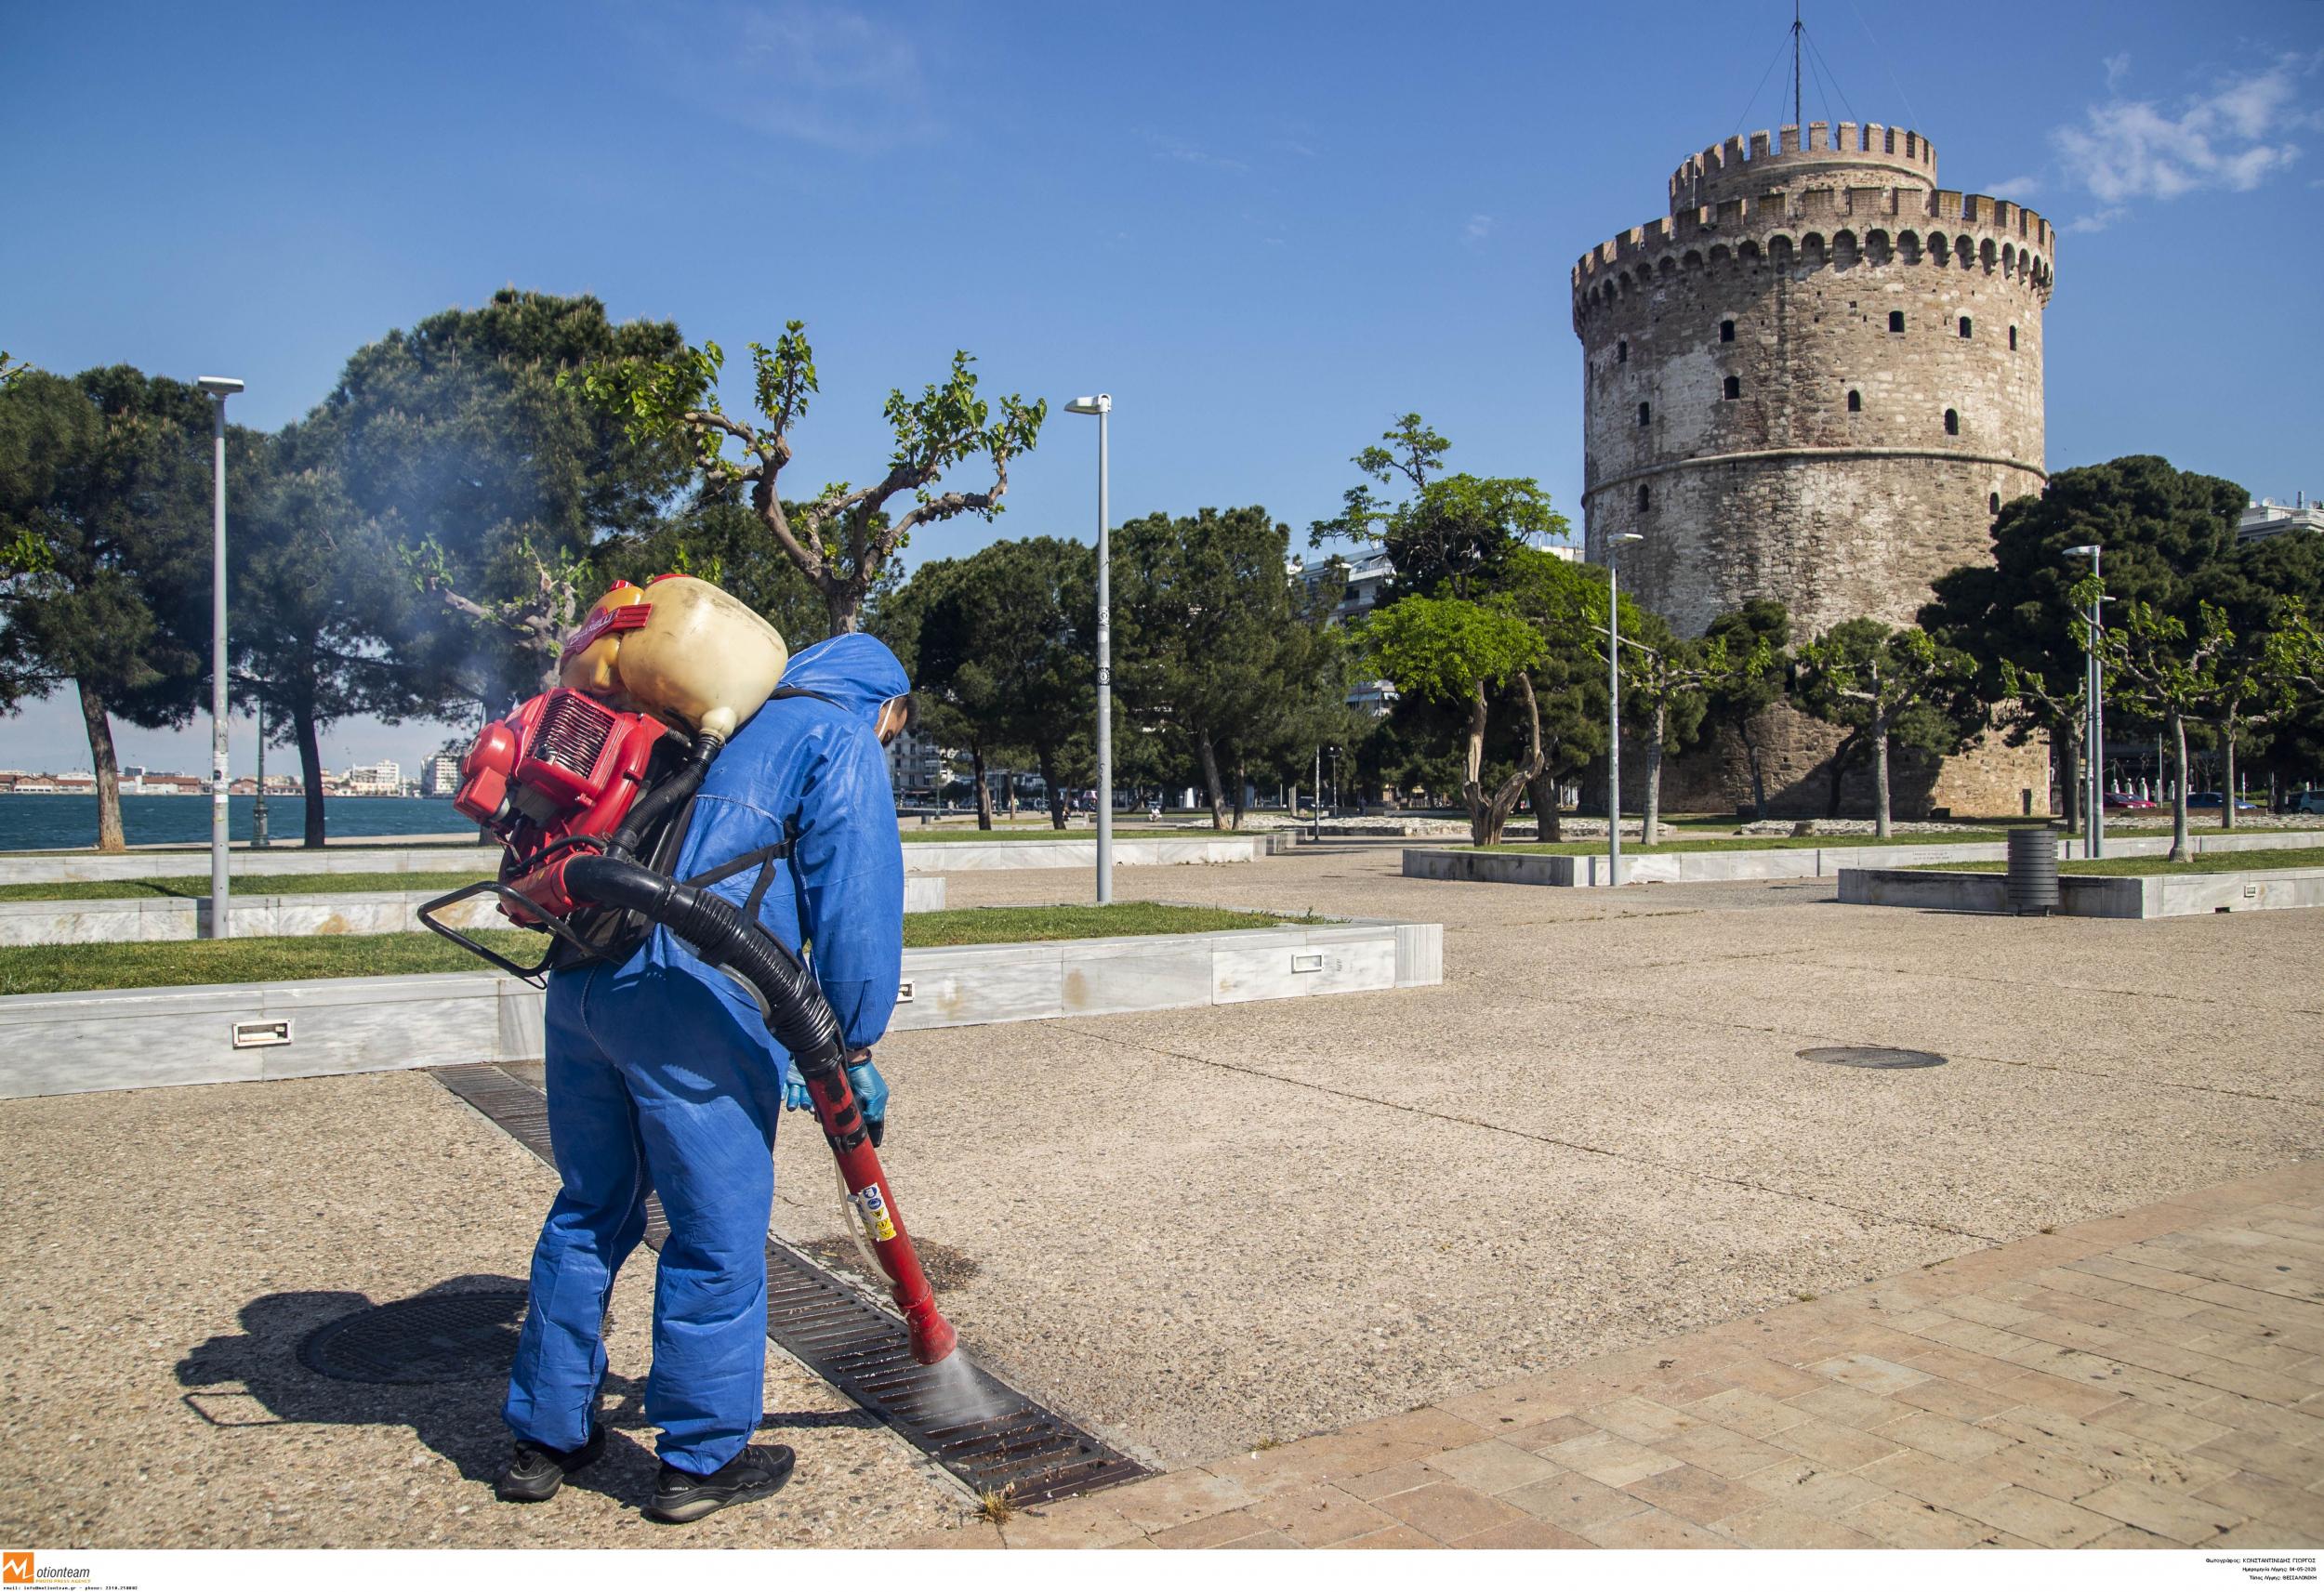 Θεσσαλονίκη: Σε επίπεδα Απριλίου ο κορωνοϊός στα λύματα - Καθηγητής του ΑΠΘ εξηγεί την αύξηση | LiFO